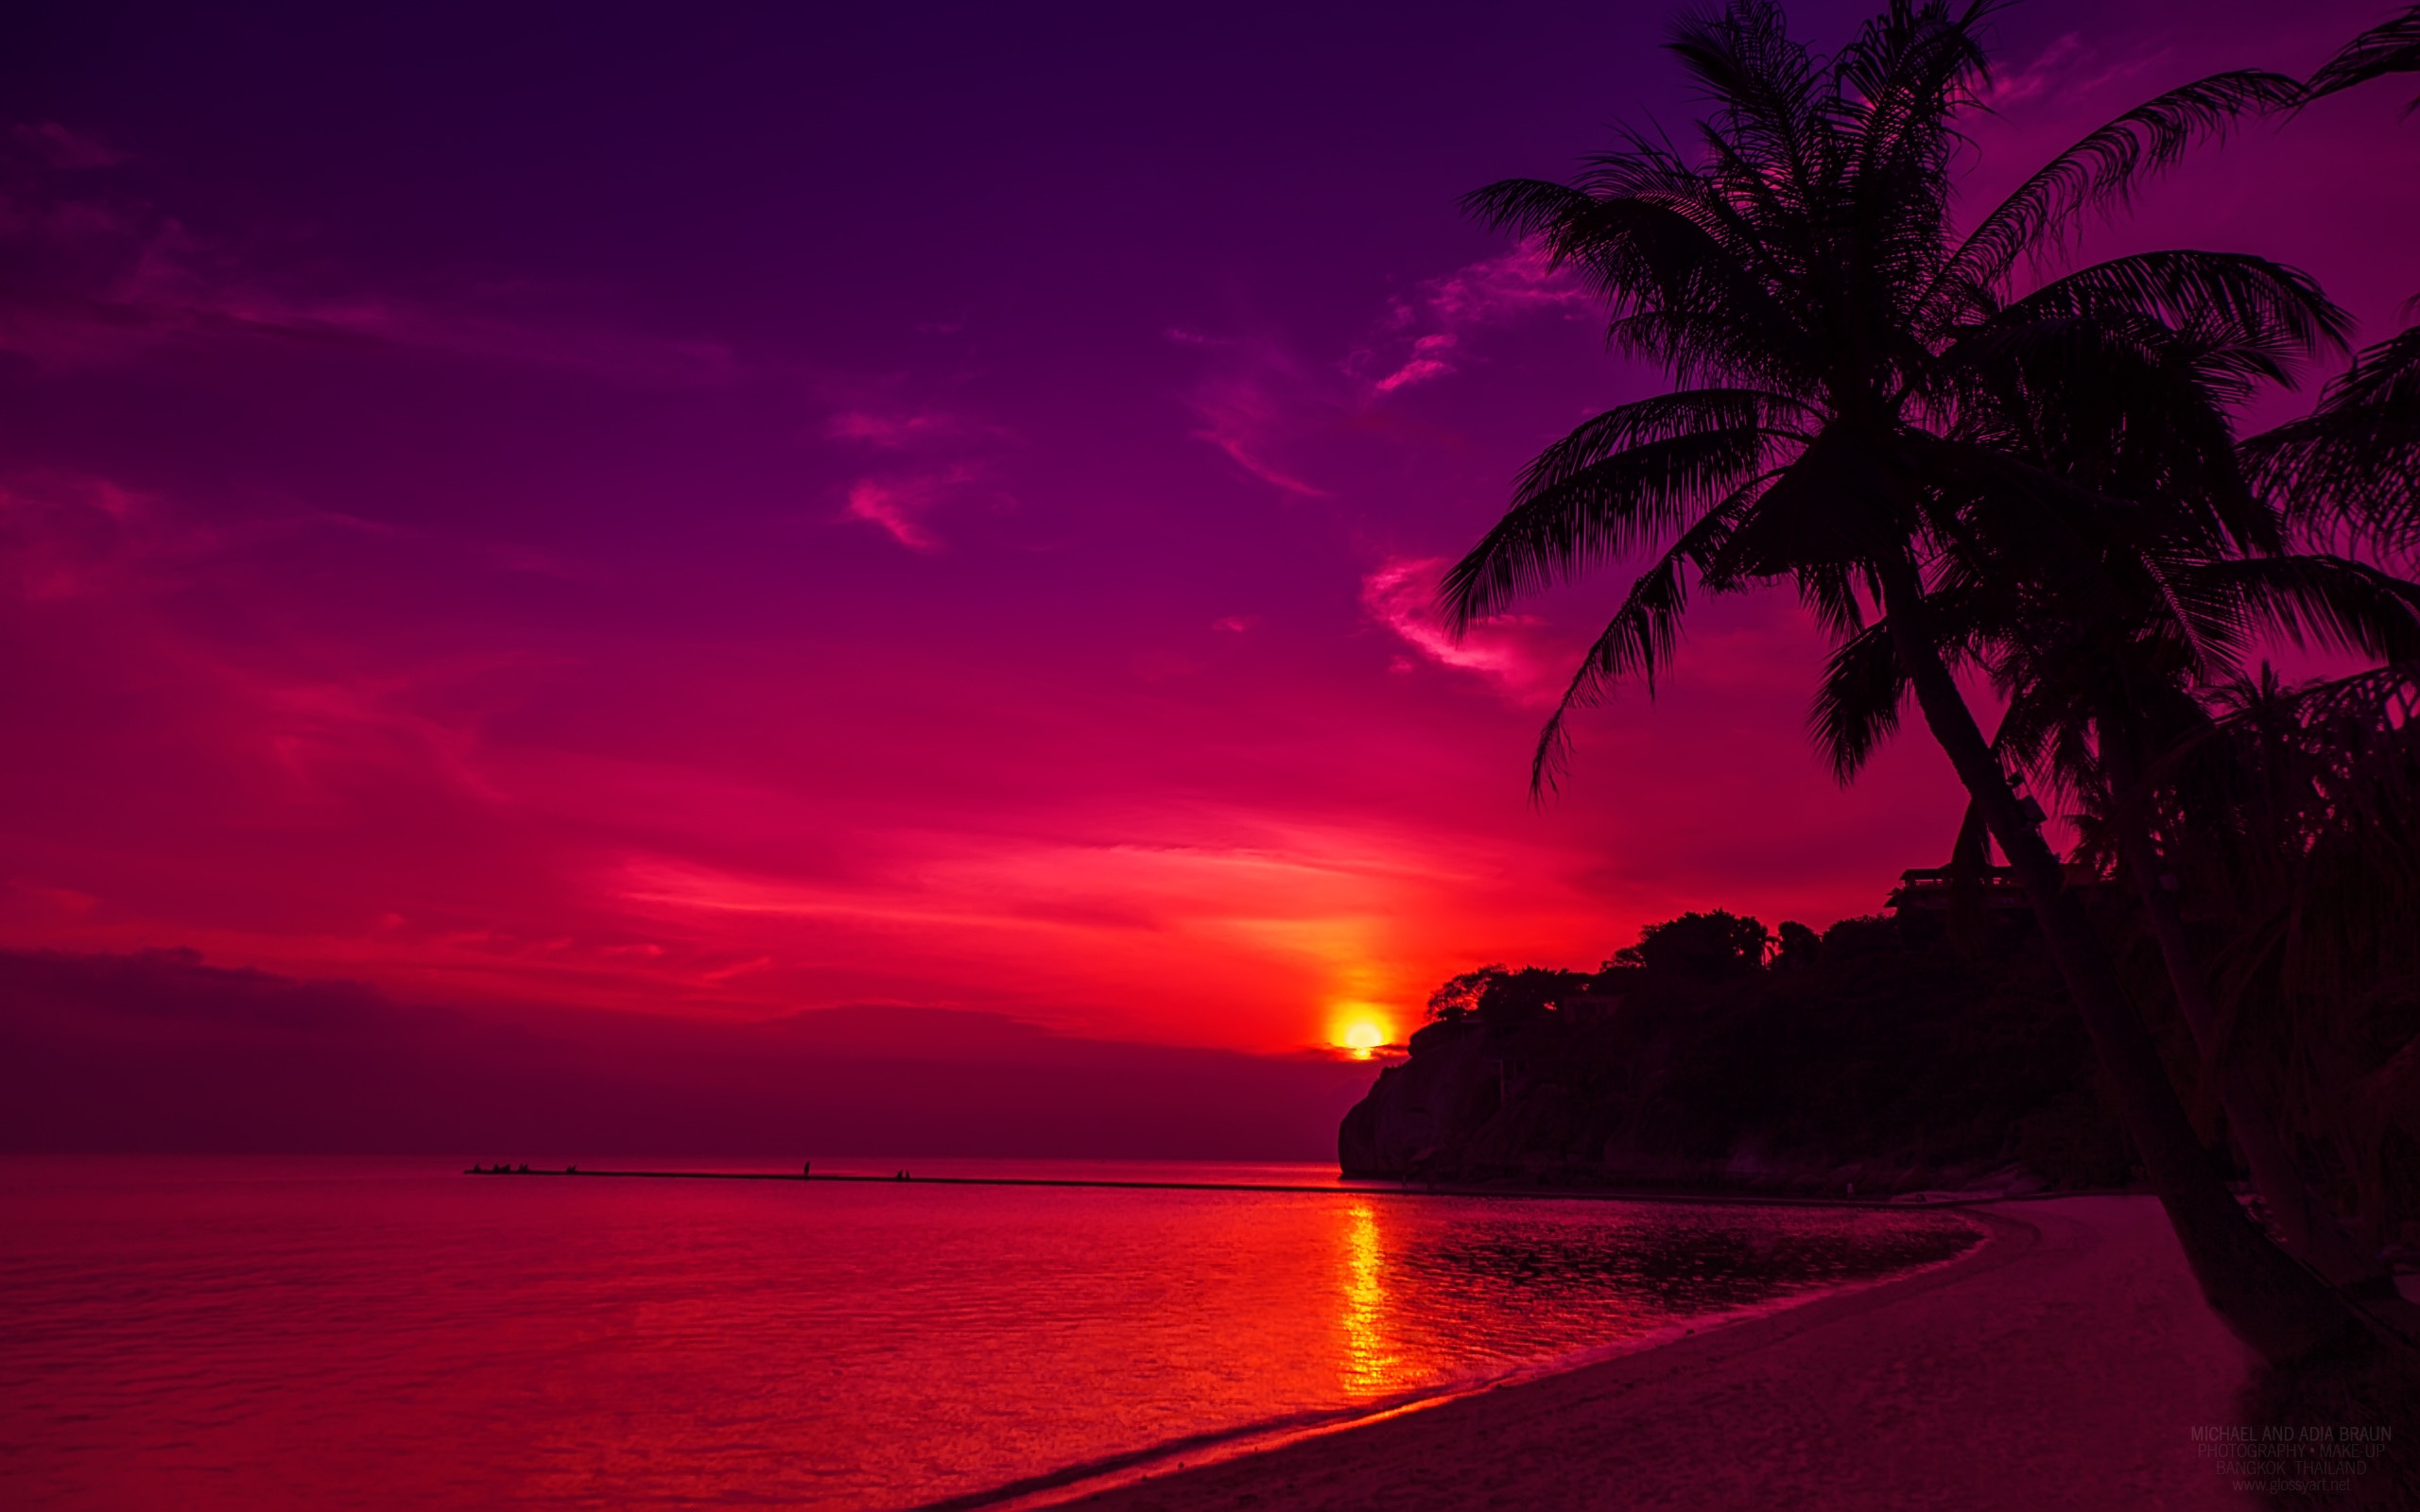 Sunset Beach Backgrounds